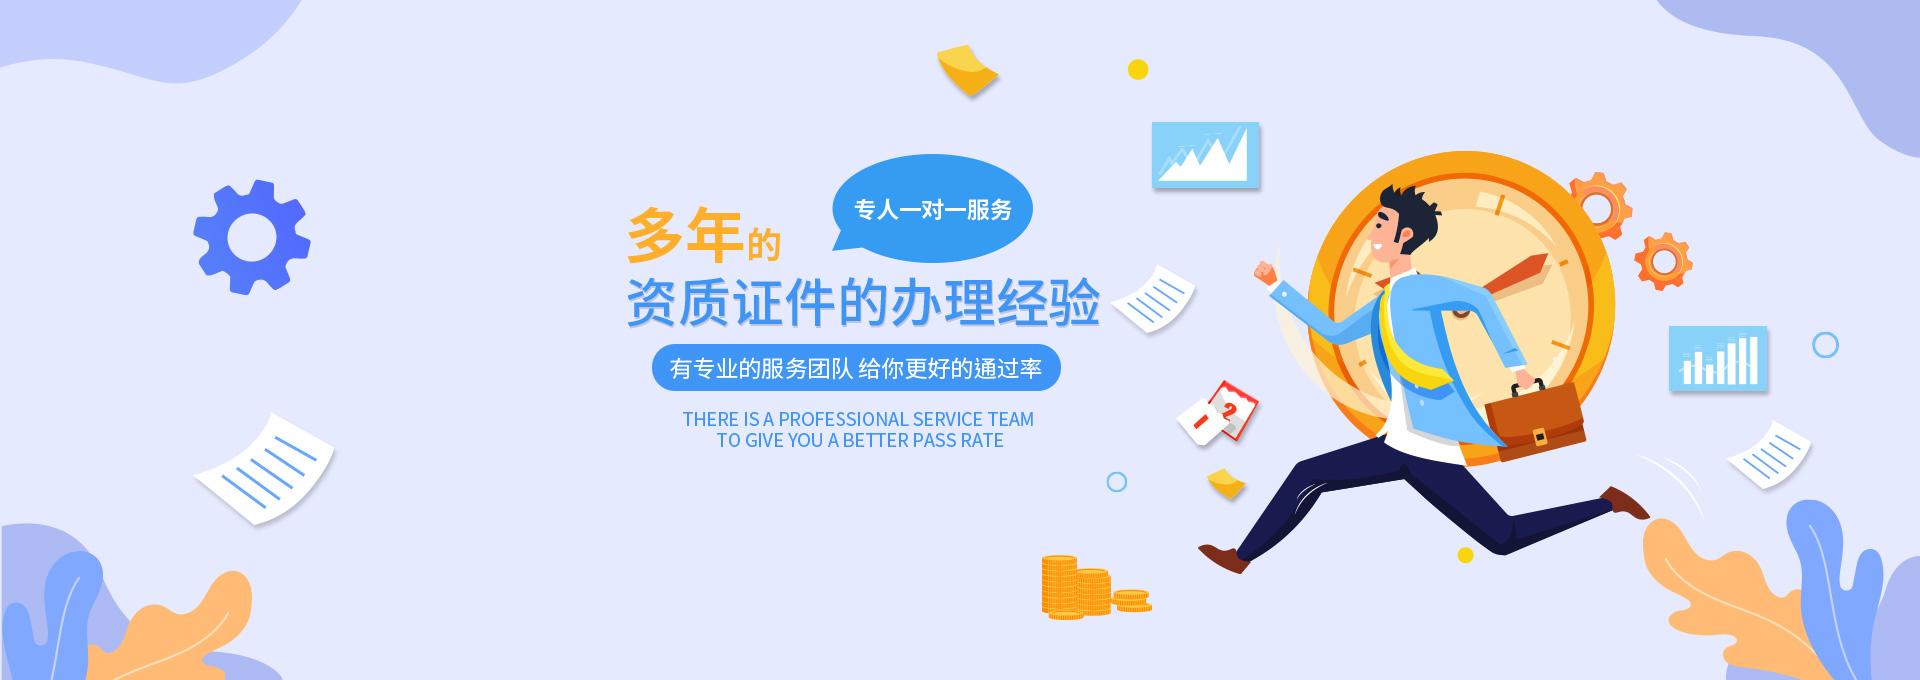 重庆职业技工技能证书培训学校